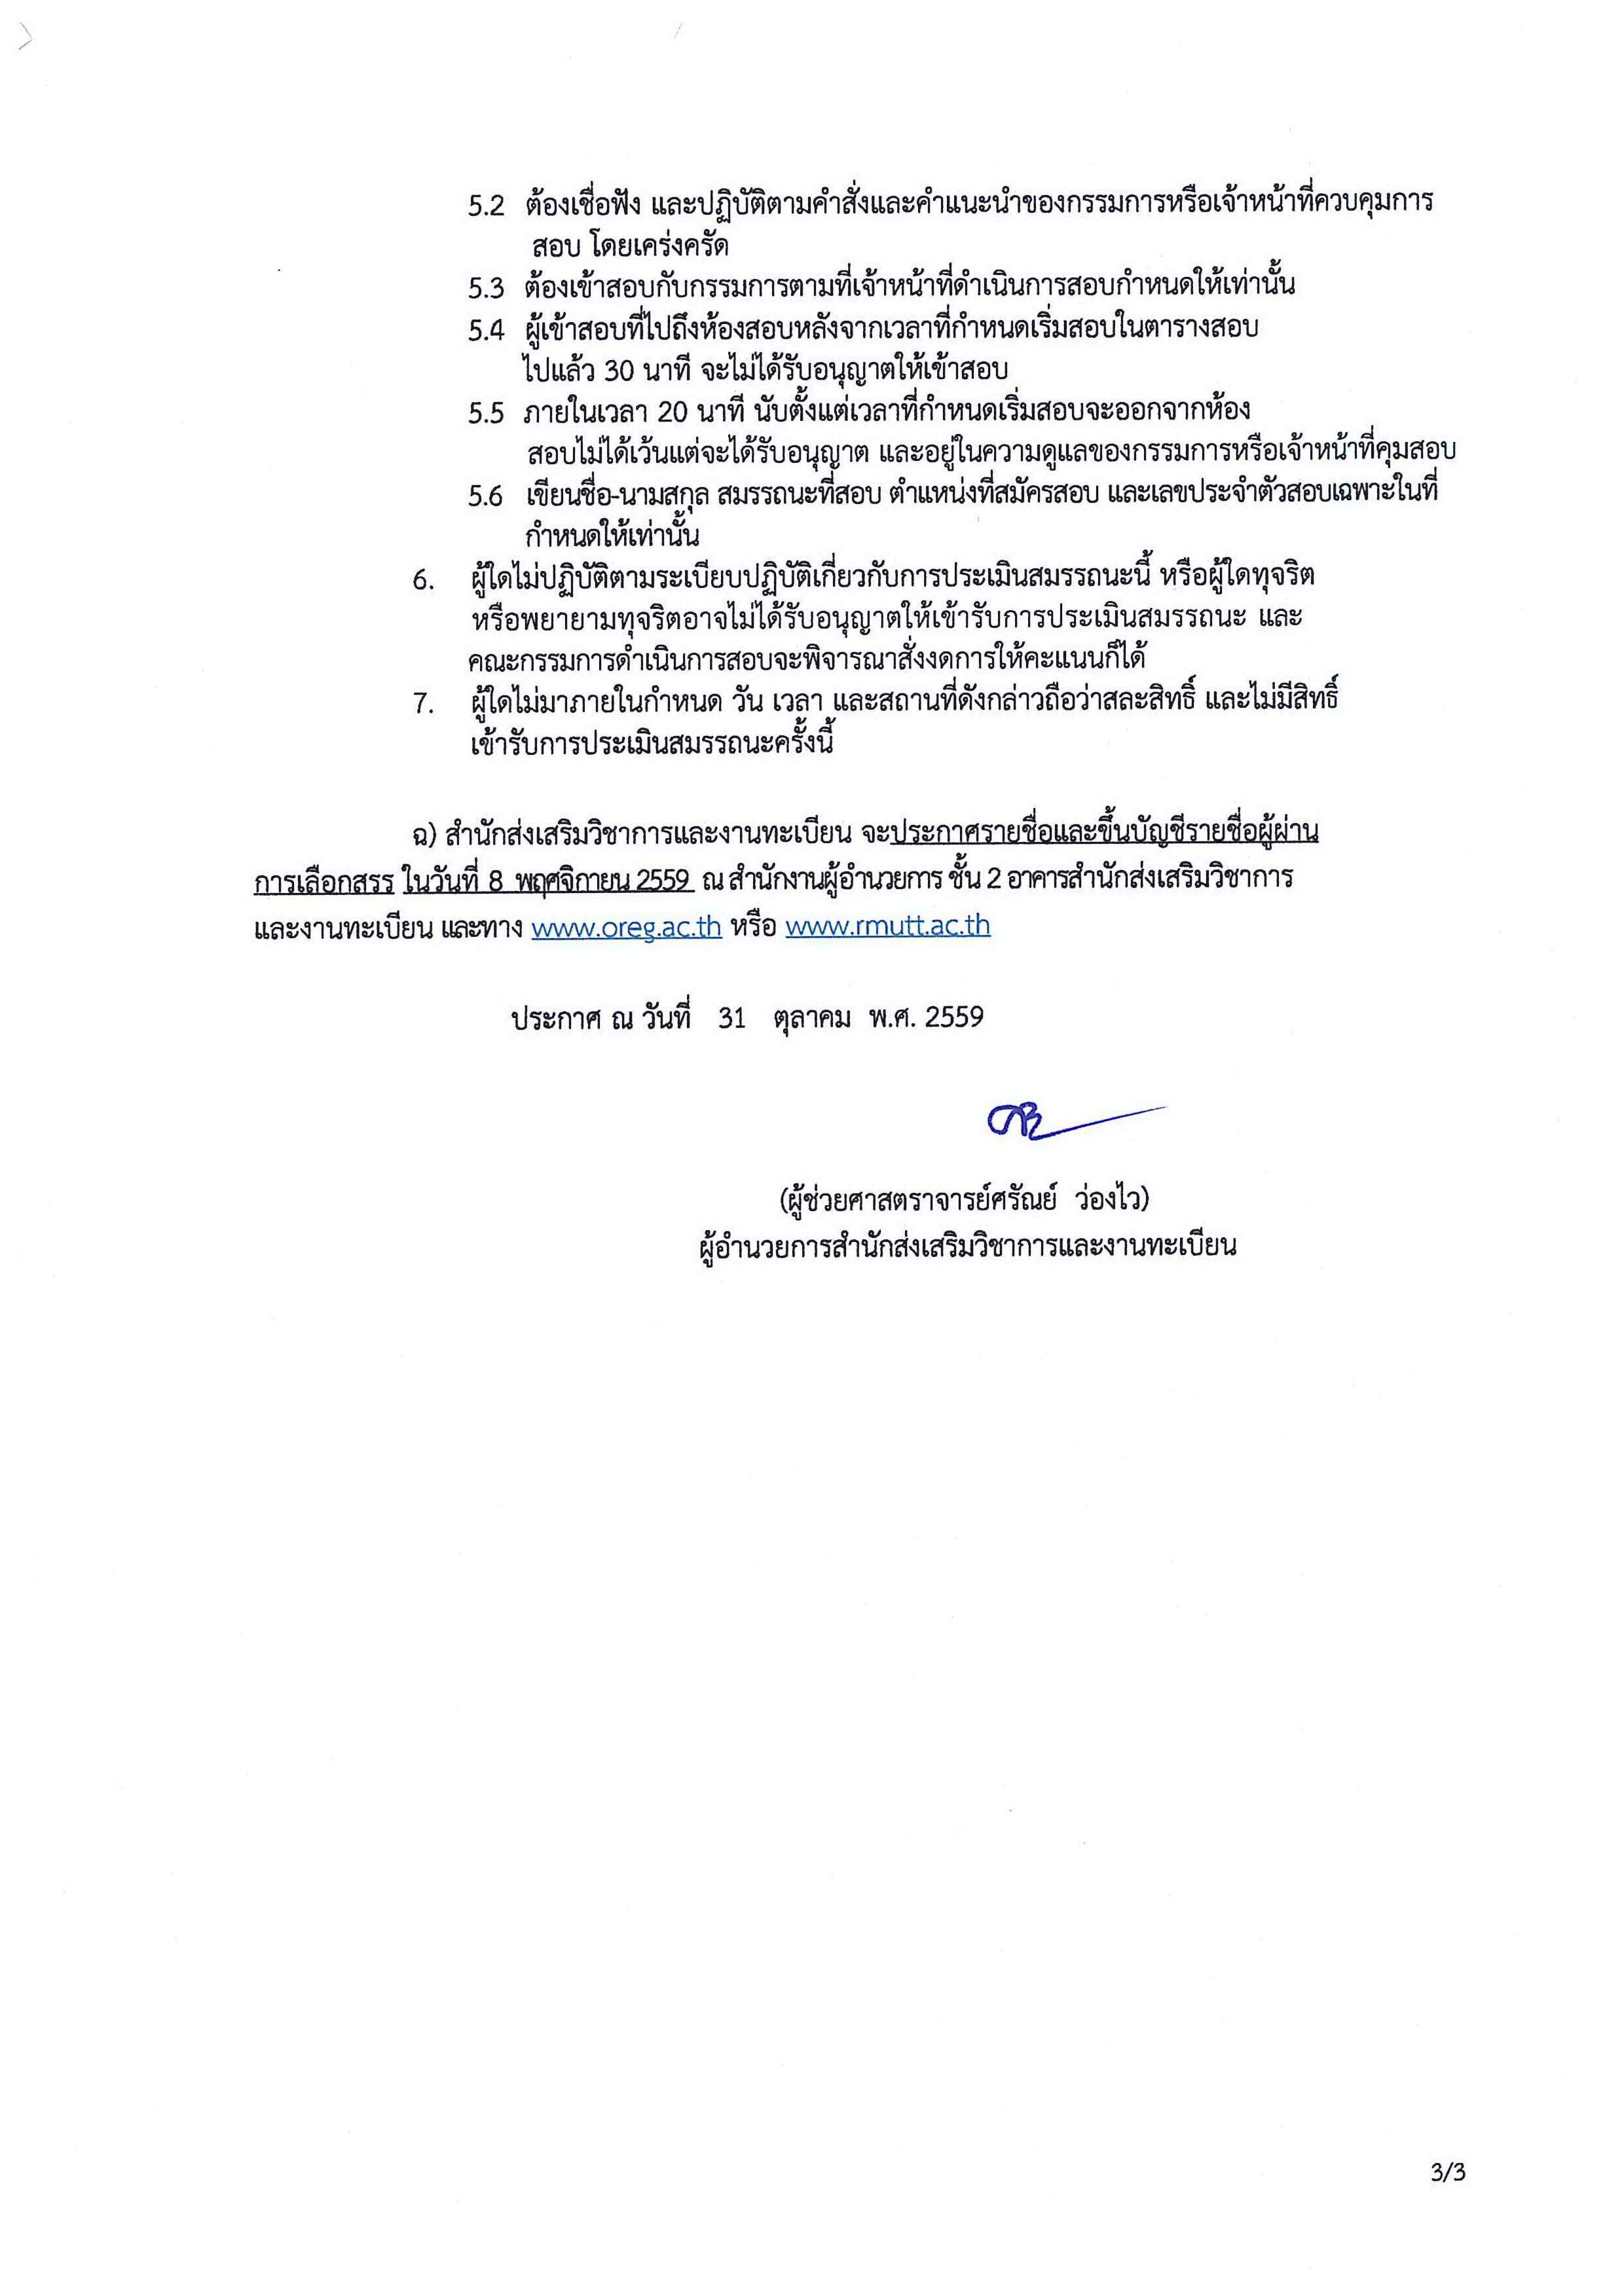 ประกาศ รายชื่อผู้มีสิทธิเข้ารับการประเมิน ความรู้ฯ พนักงานราชการ_Page_3